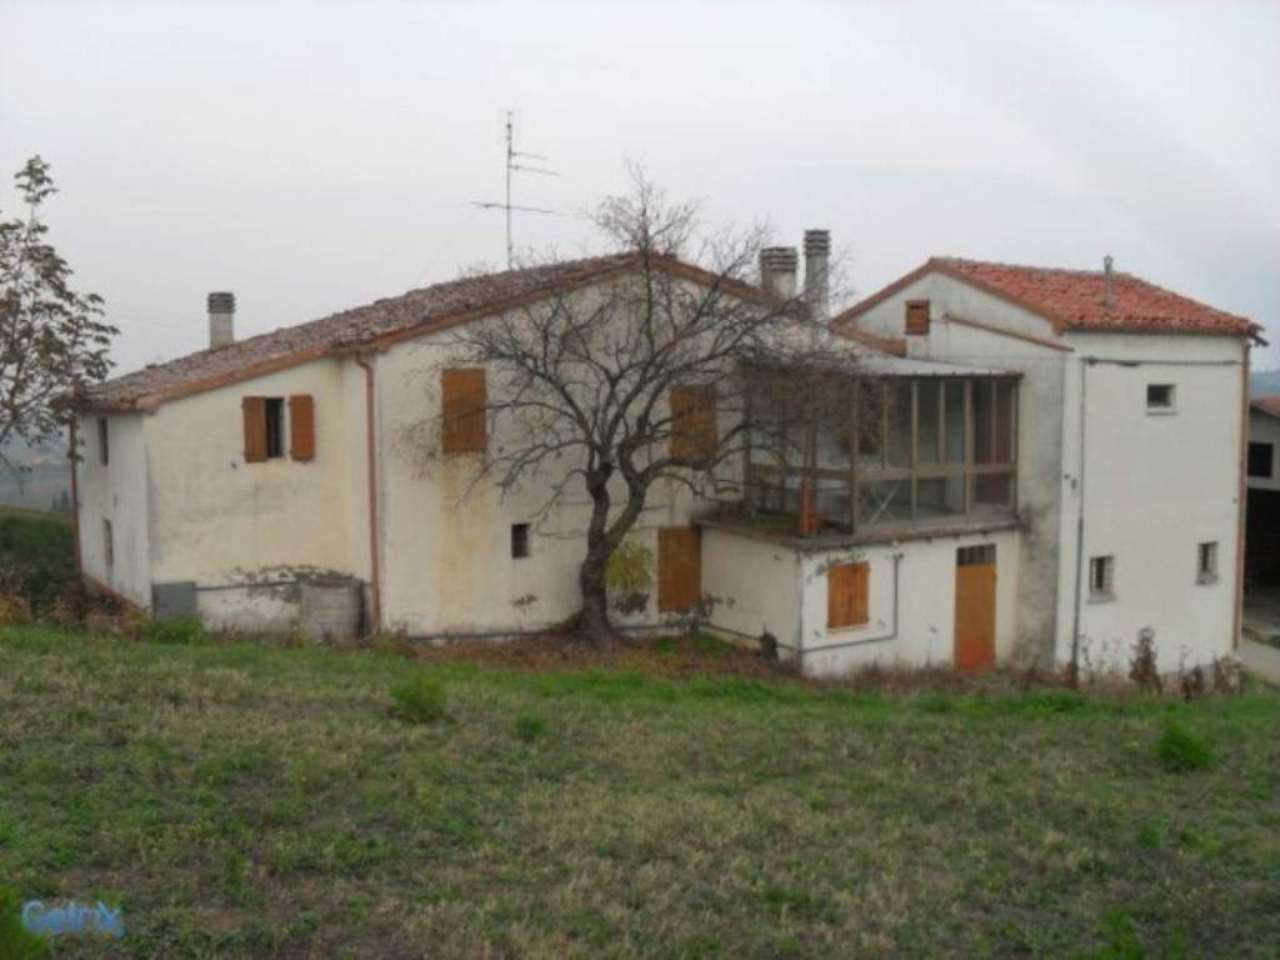 Rustico / Casale in vendita a Montescudo, 6 locali, prezzo € 320.000 | Cambio Casa.it